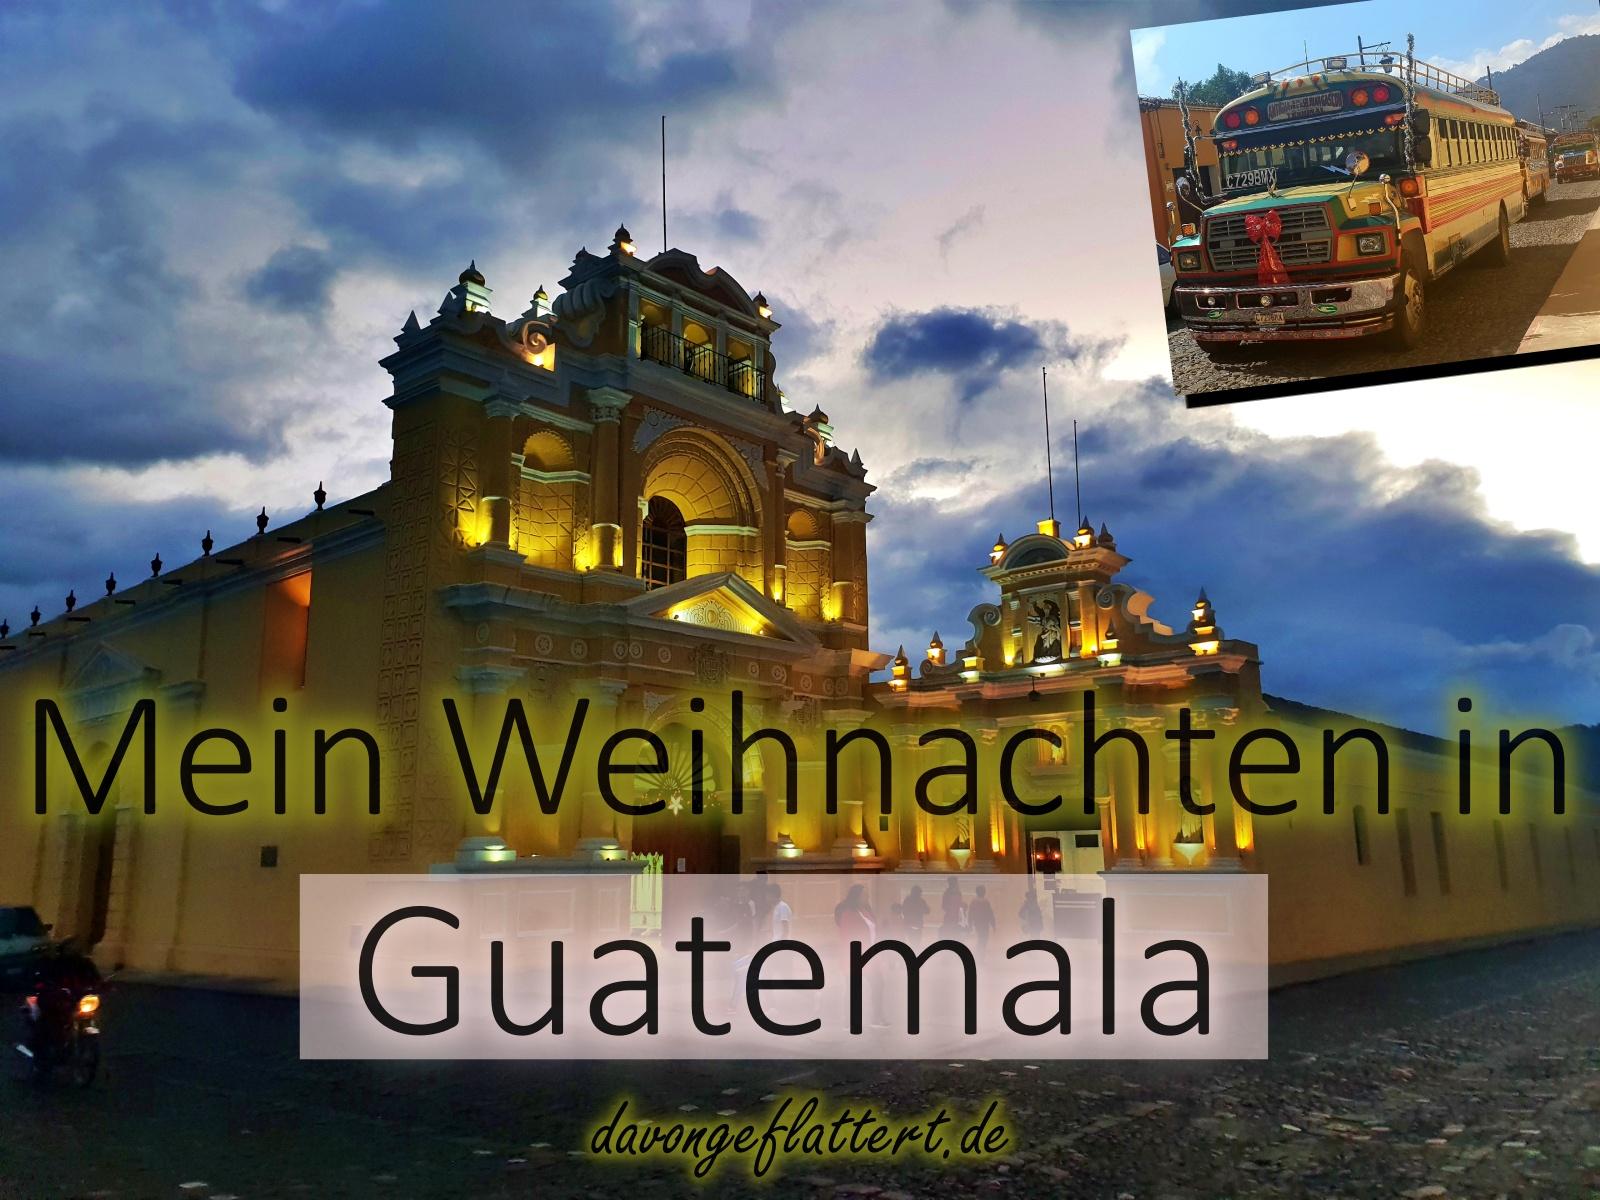 Weihnachten in Guatemala